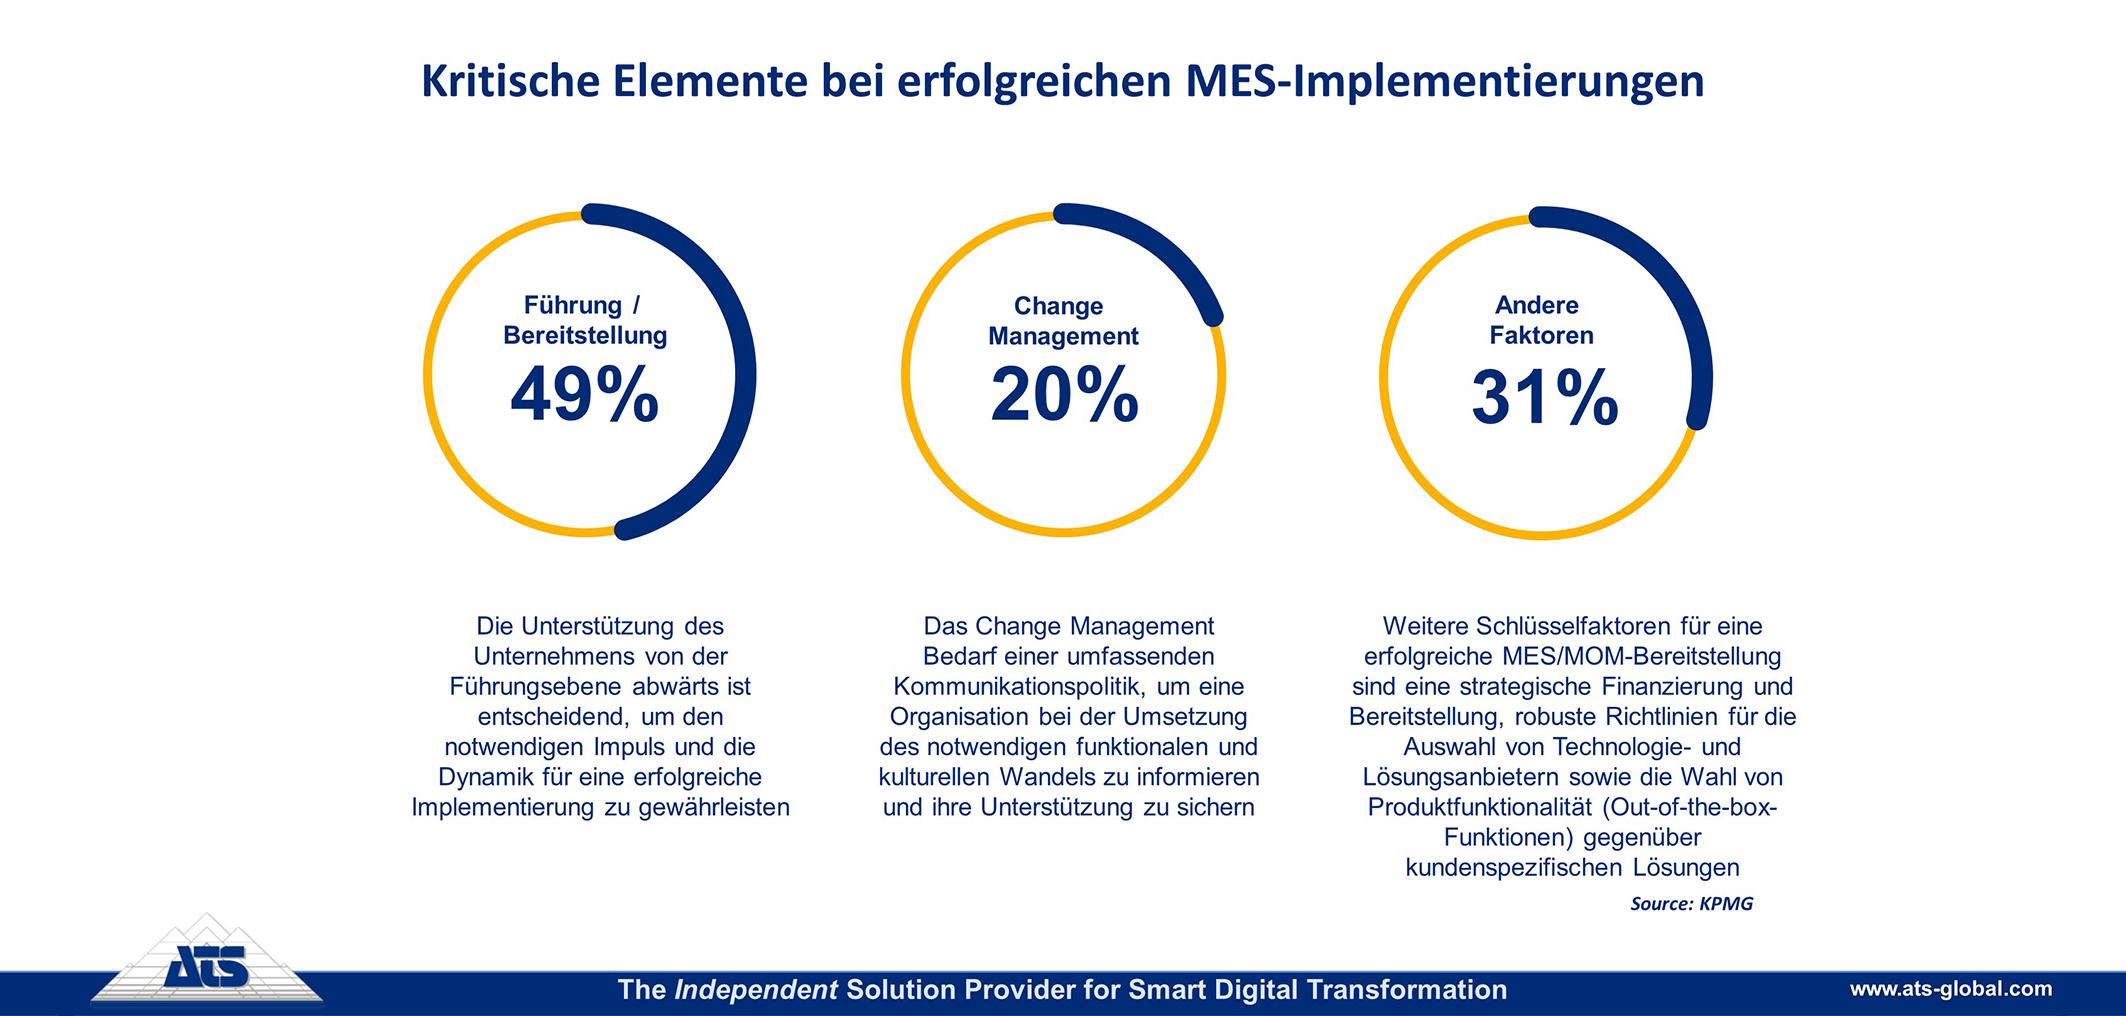 (Bild: ATS Gesellschaft für angewandte technische Systeme GmbH)